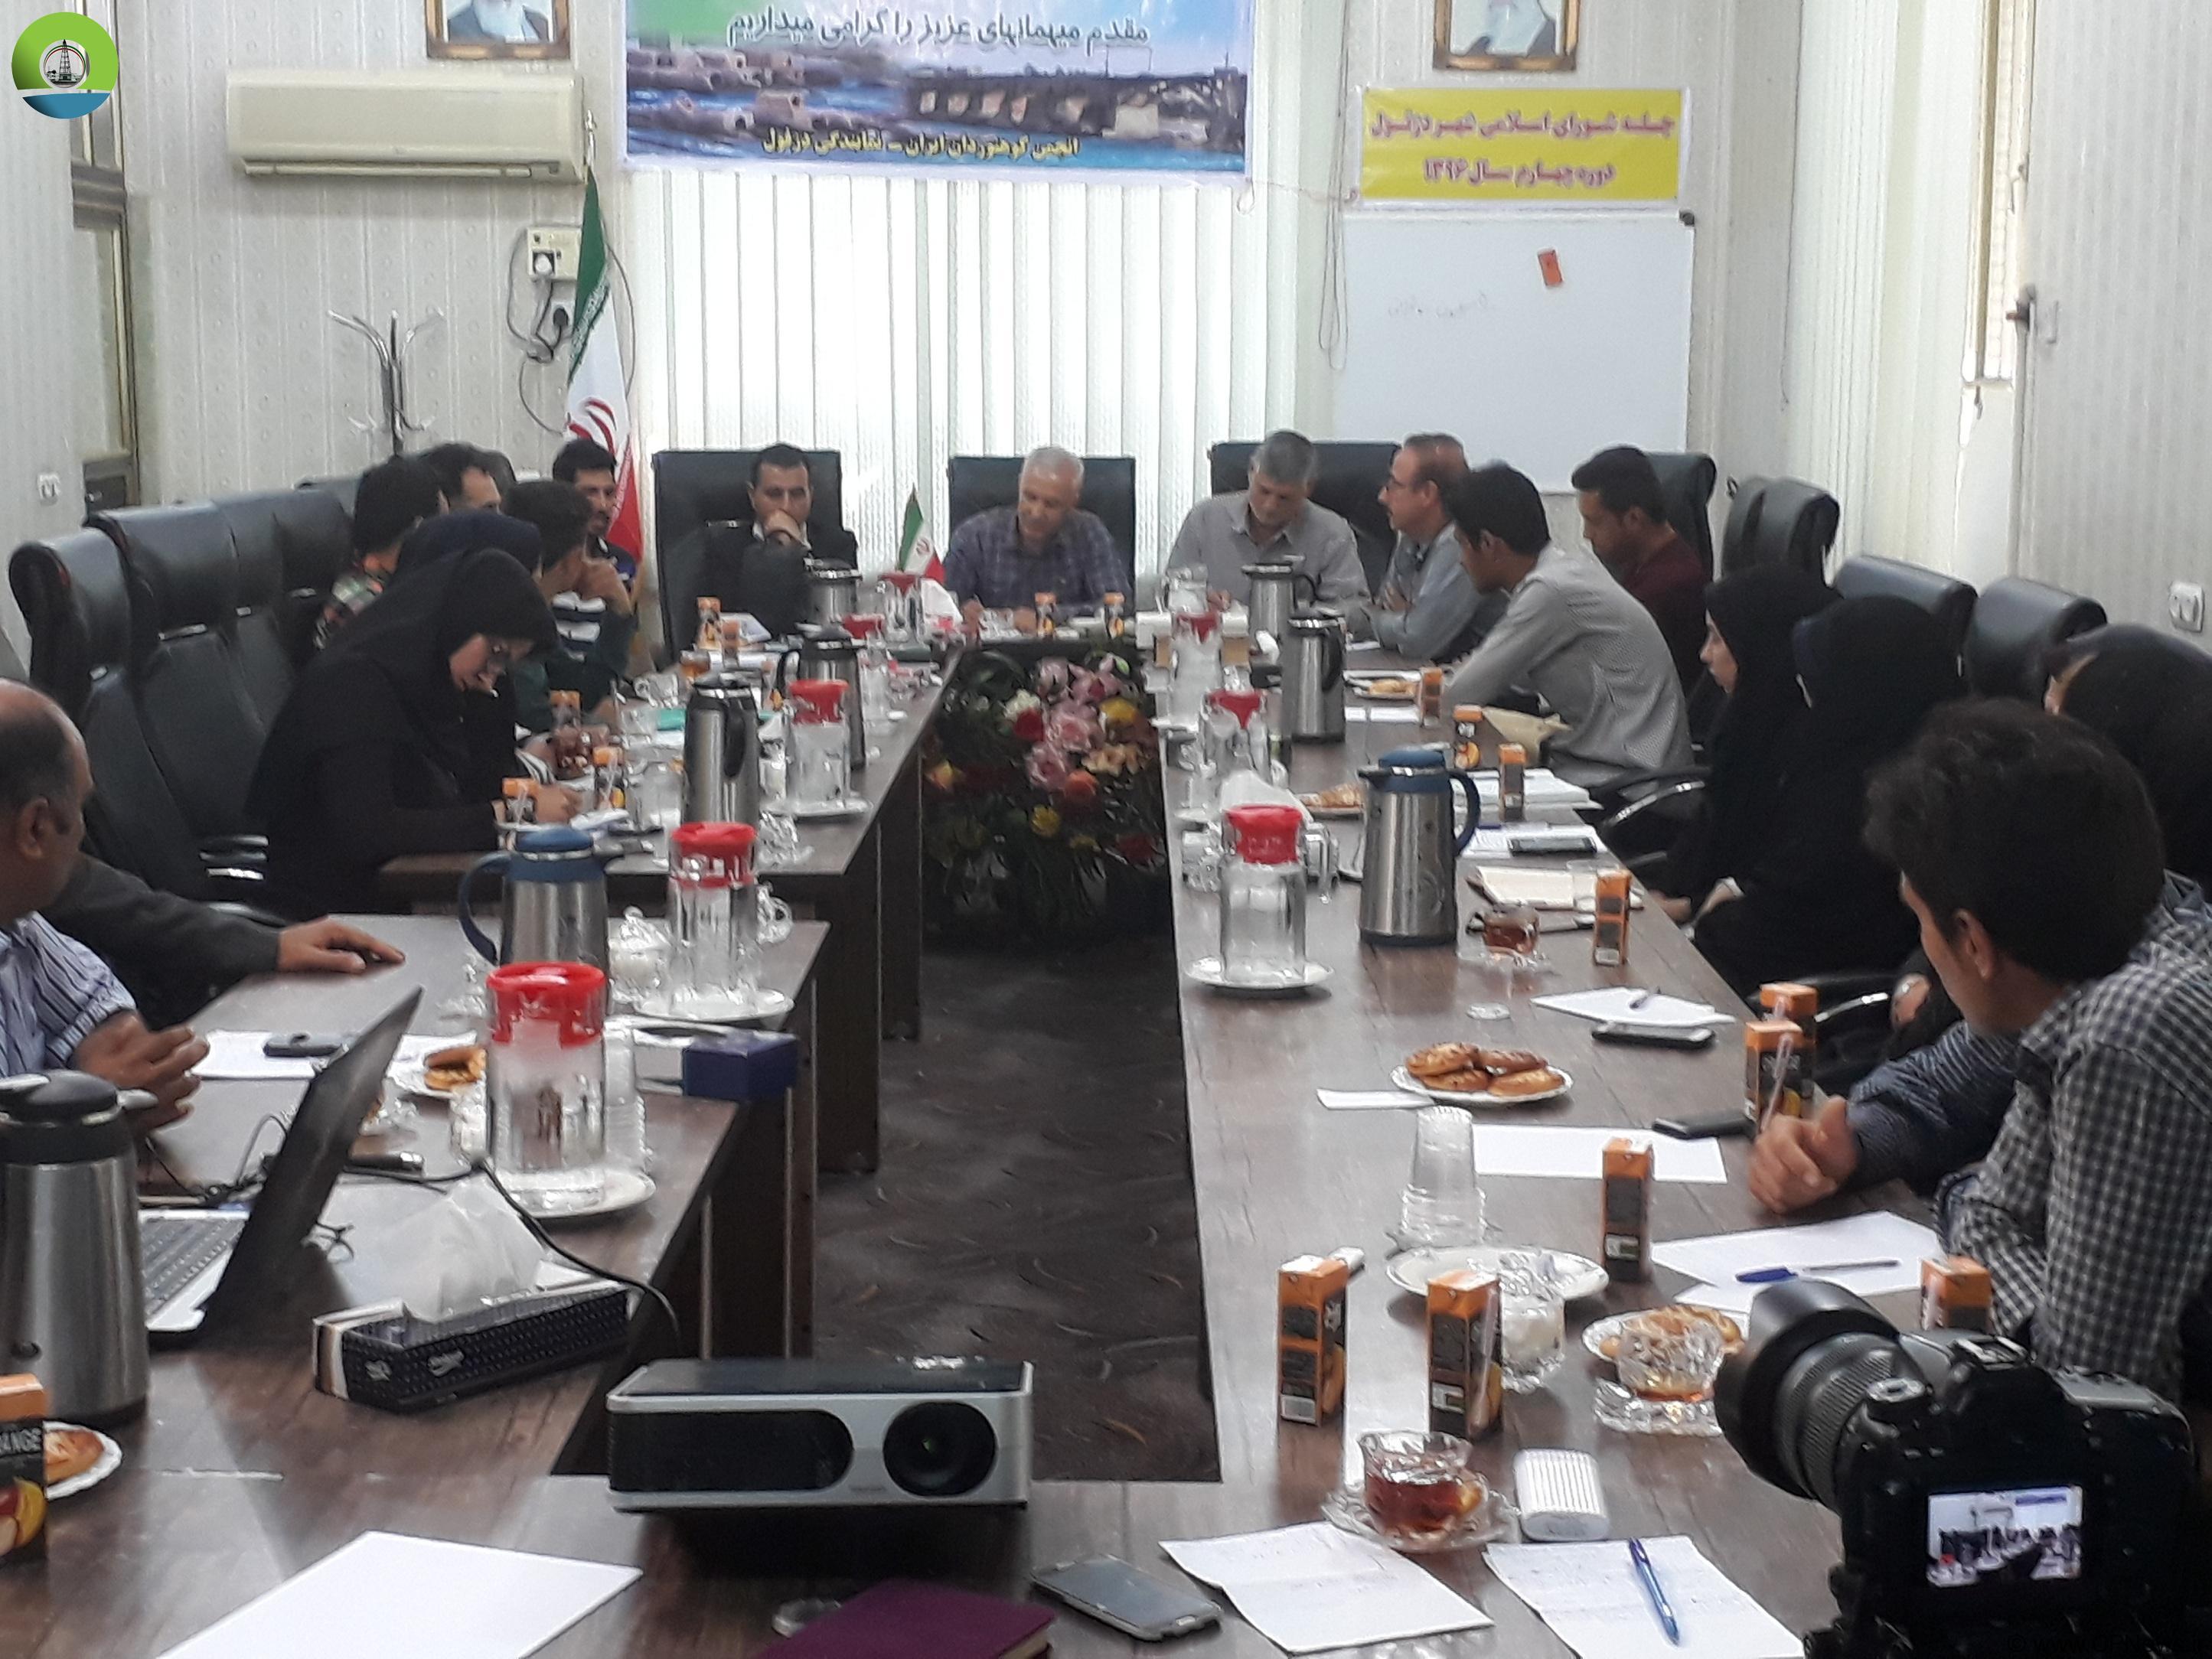 گزارش متنی-تصویری سومین نشست سمن های زیست محیطی شمال خوزستان به میزبانی دزفول